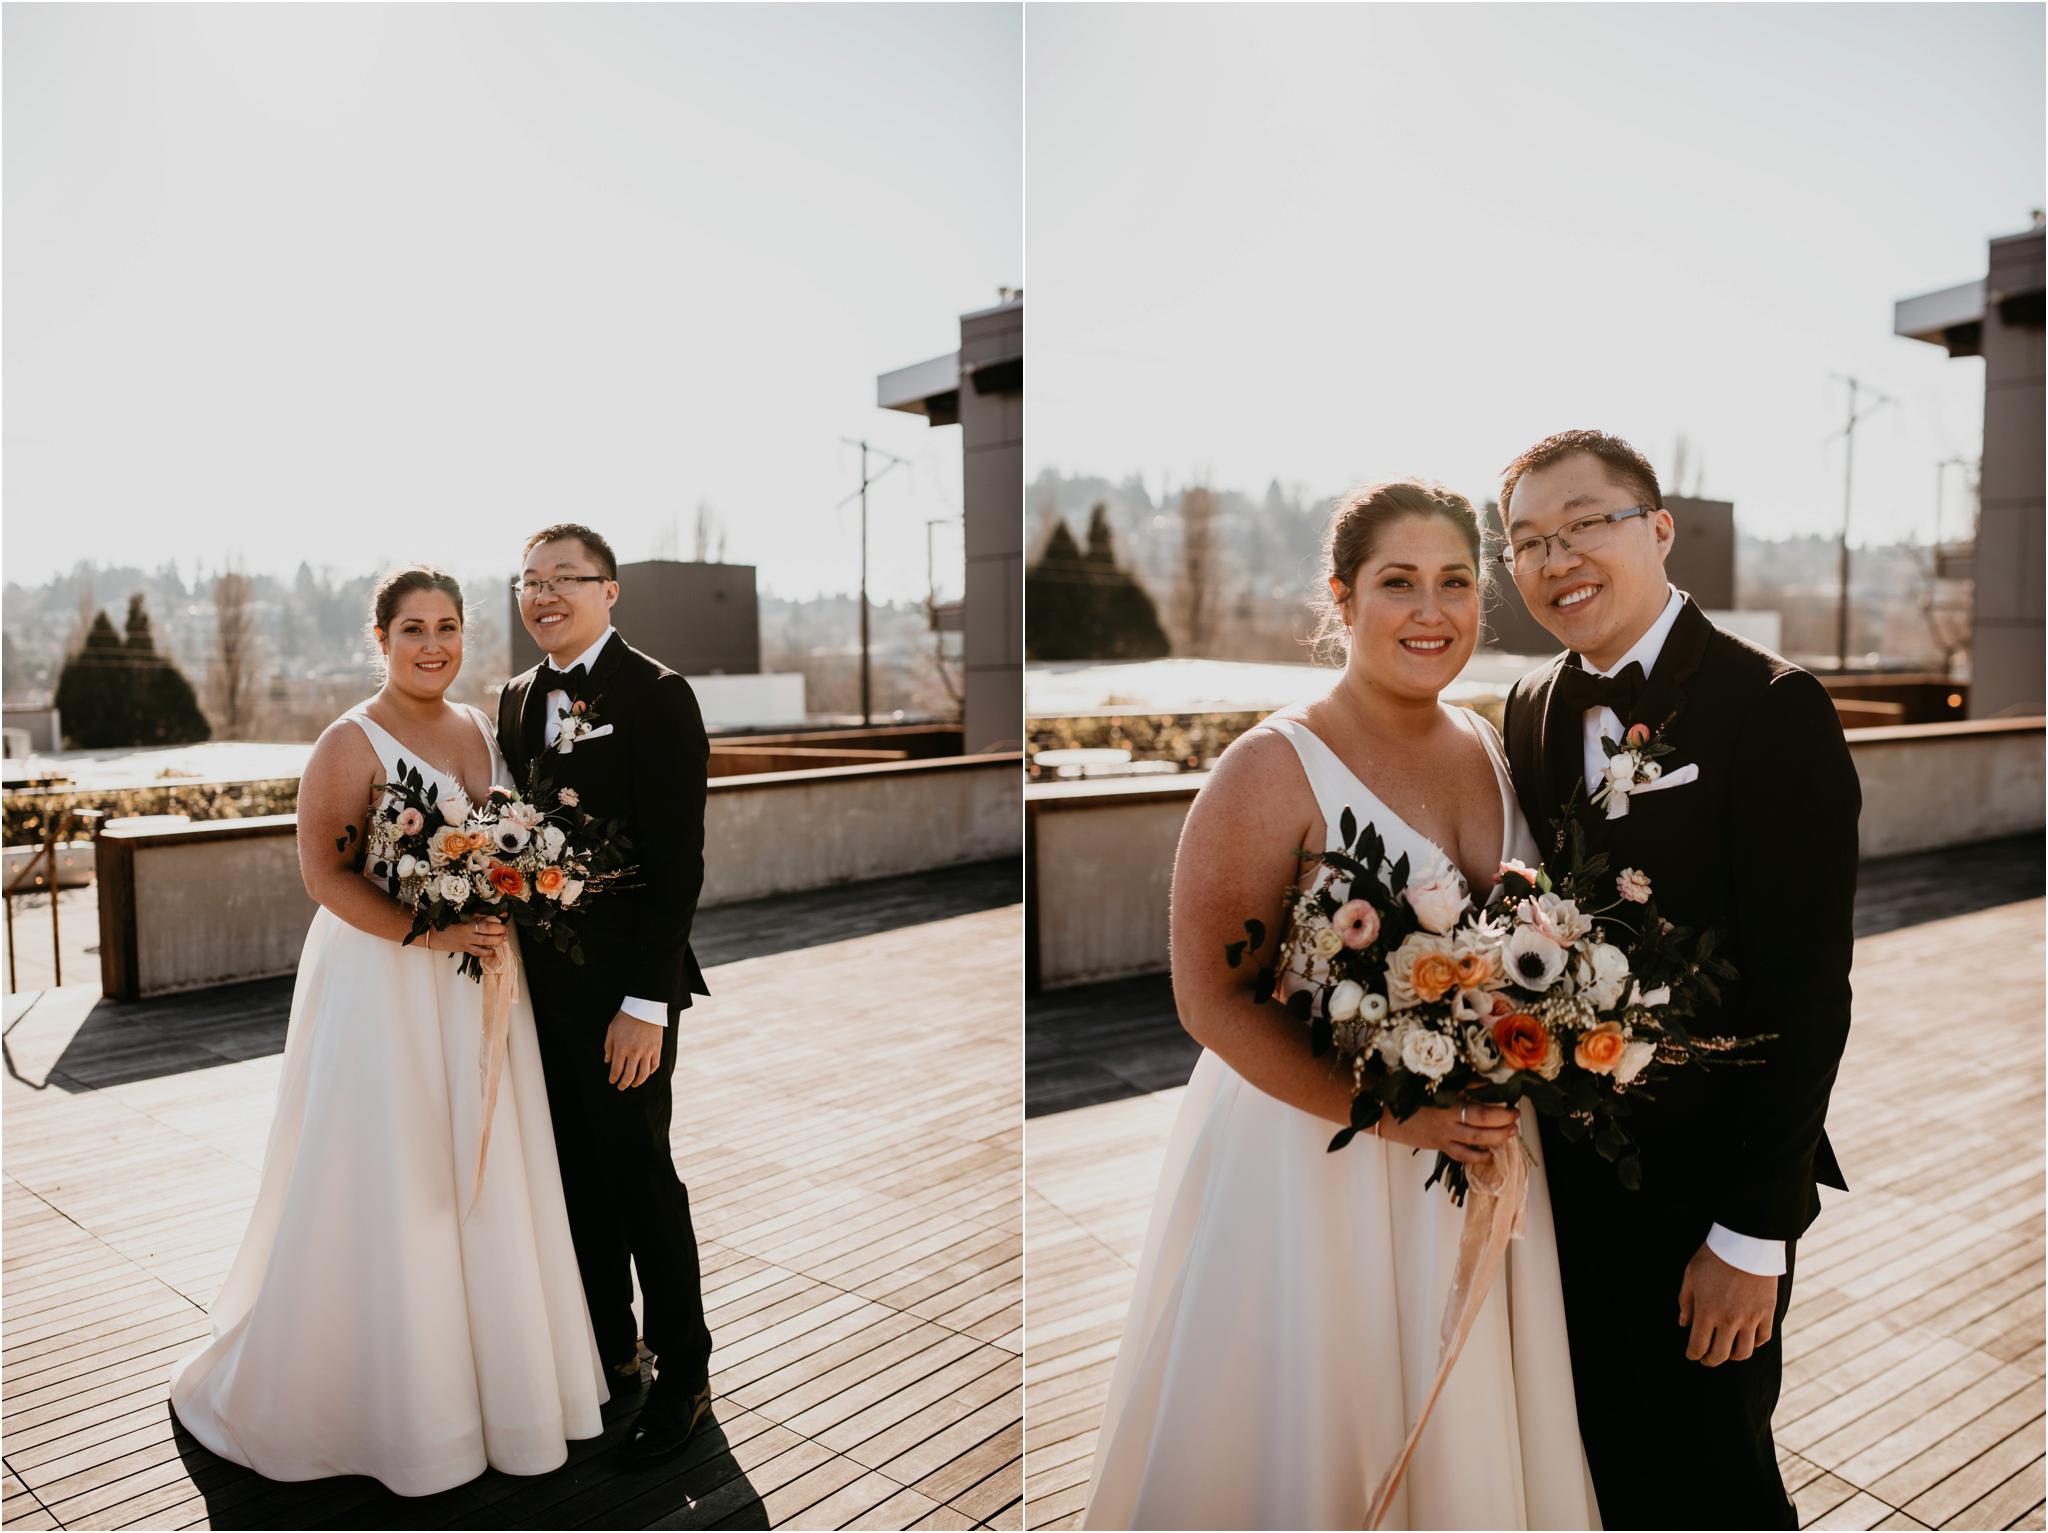 ashley-and-david-fremont-foundry-seattle-washington-wedding-photographer-039.jpg